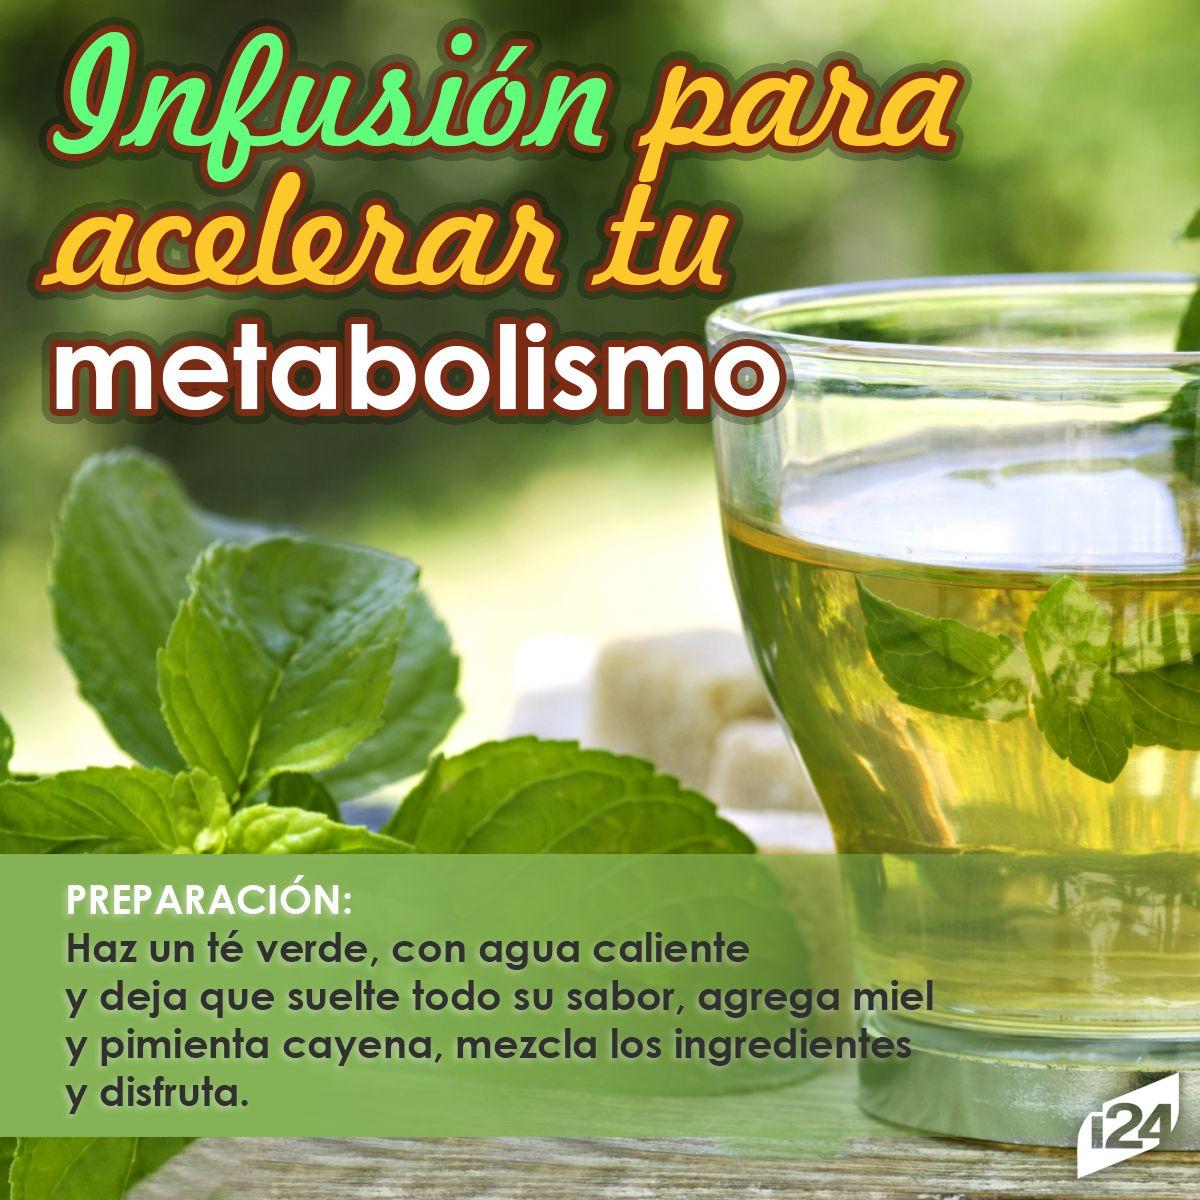 metabolismo anabolismo y catabolismo resultados